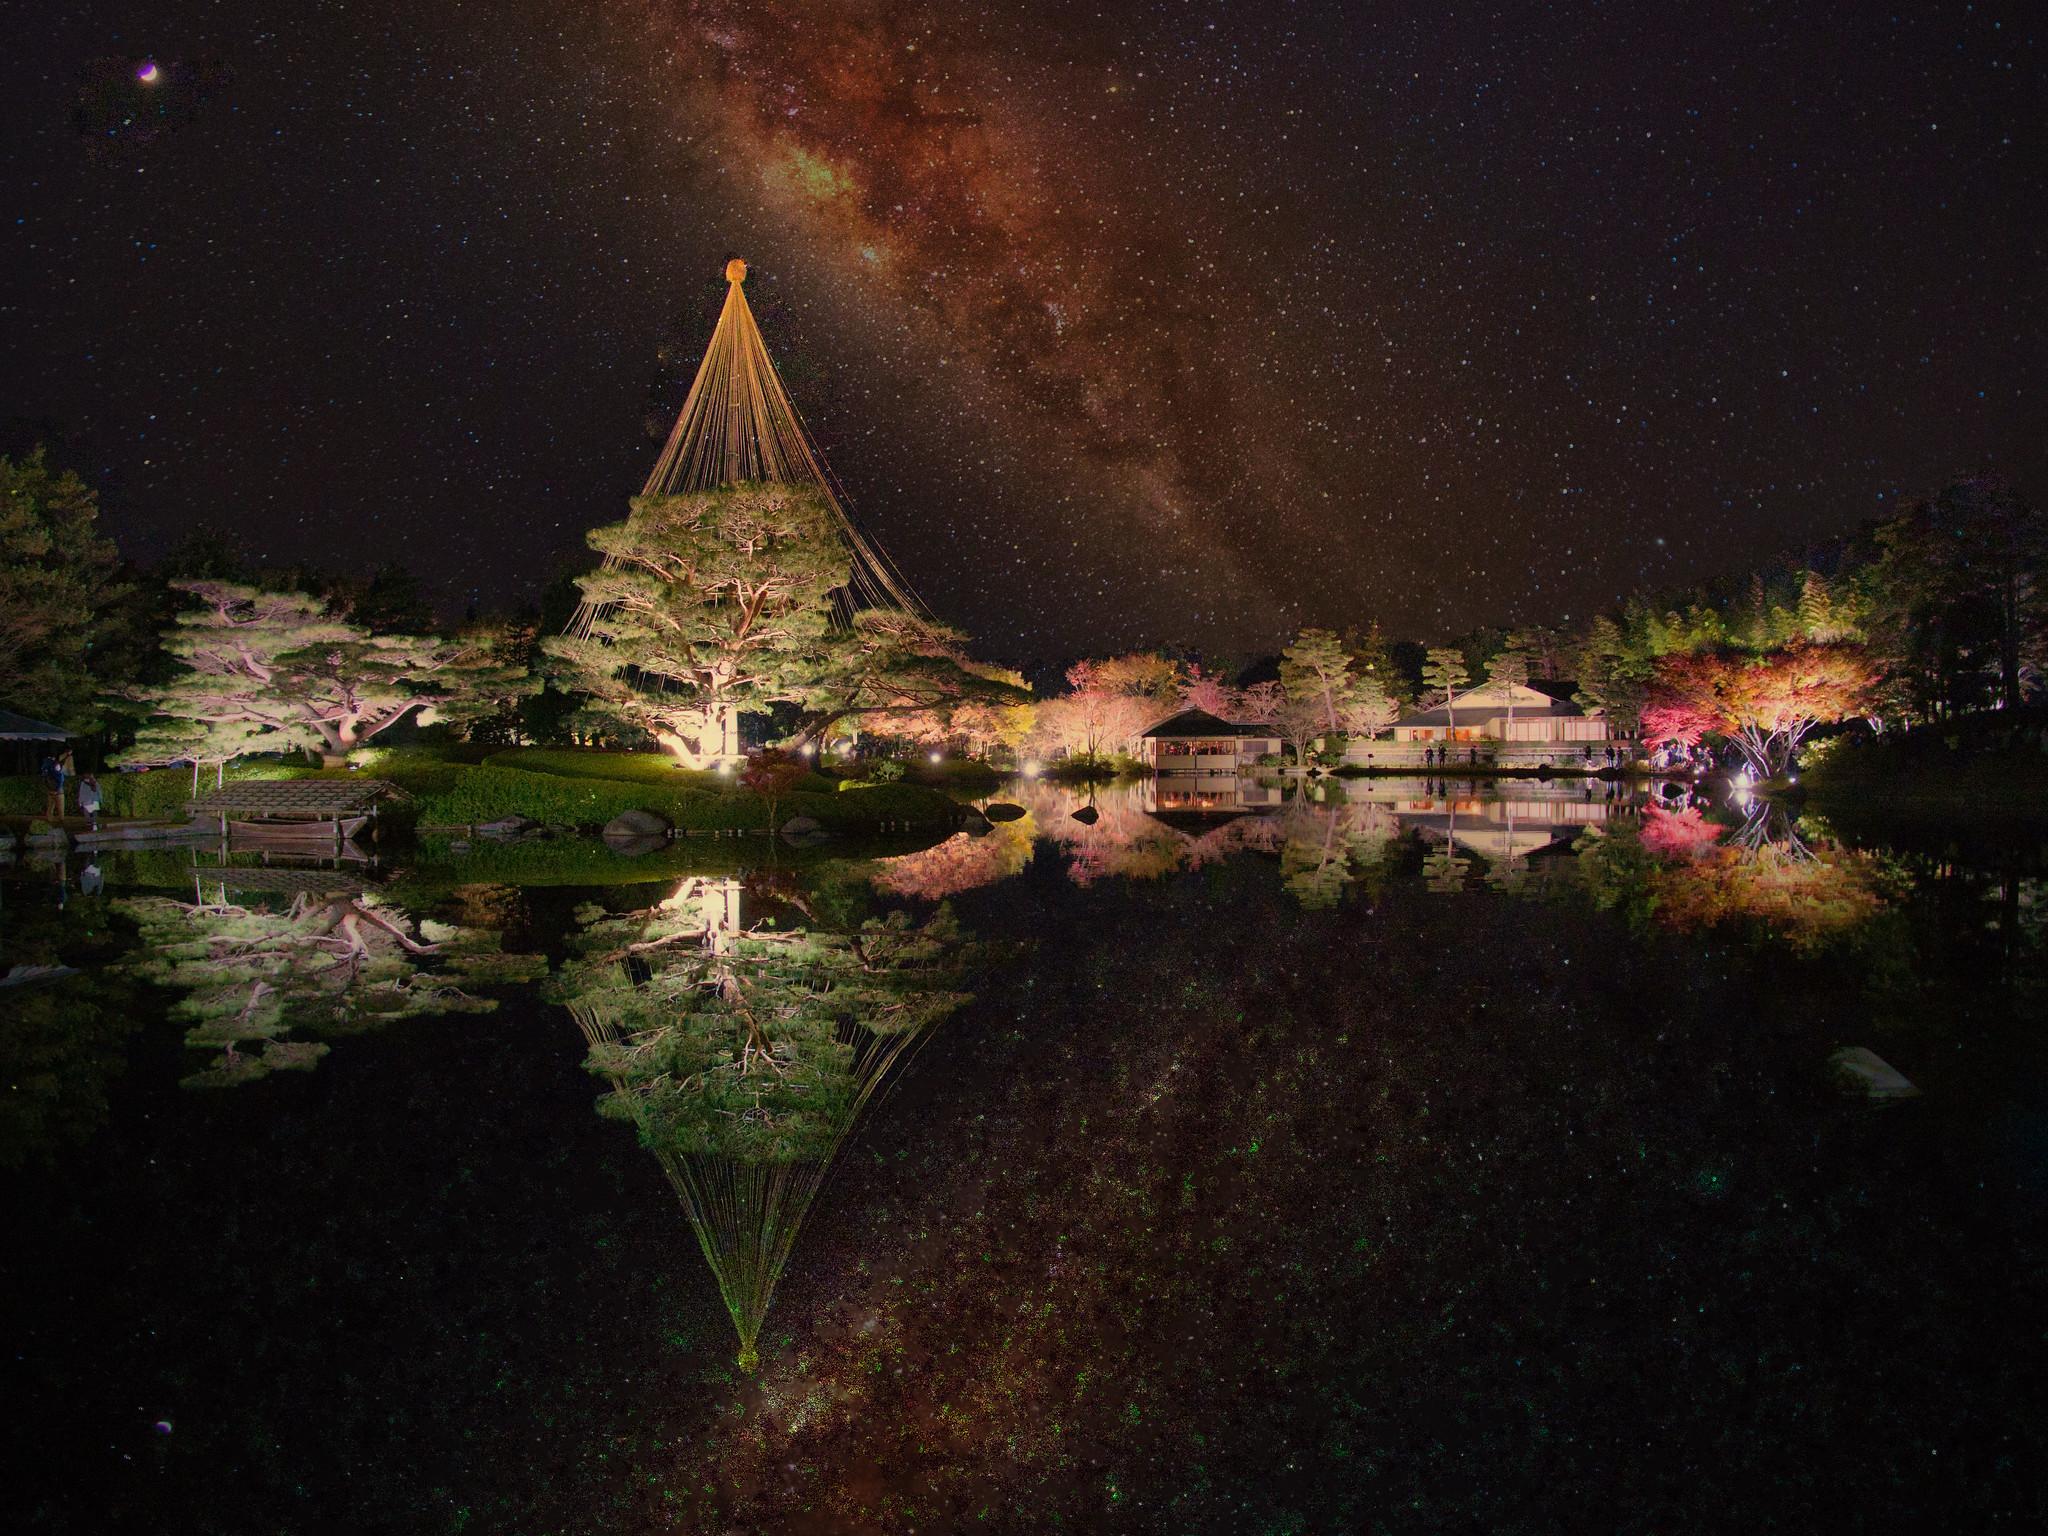 AIを使って風景写真やポートレート写真を簡単に盛ることができる 本格的な写真編集ソフトSKYLUM Luminar 4